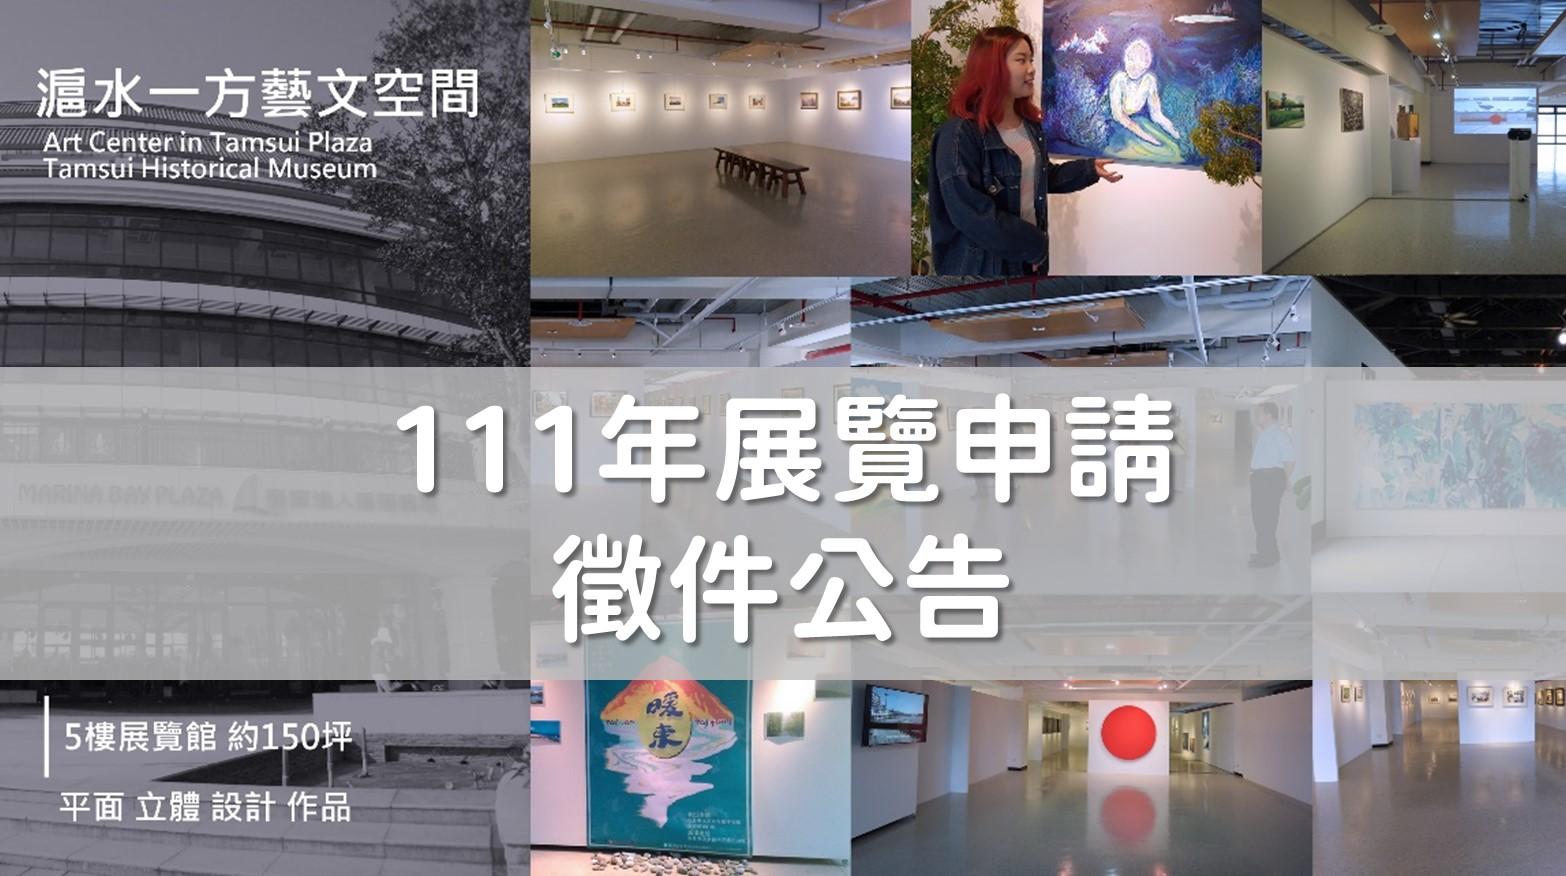 111年展覽申請徵件公告